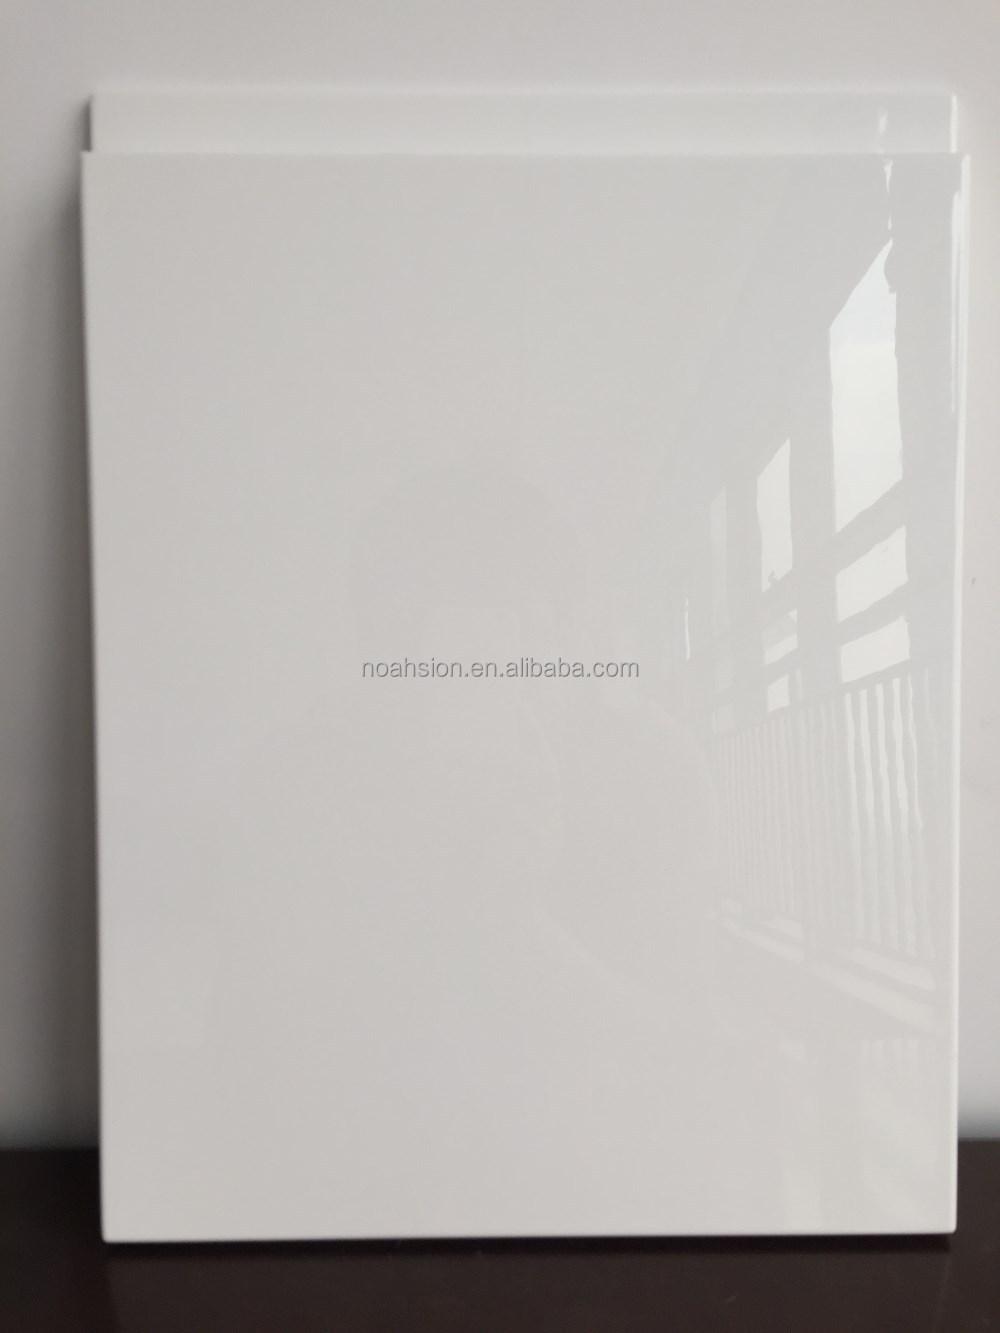 High Gloss Lacquered Handless Kitchen Cabinet Door - Buy Bathroom Vanity DoorCabinet DoorKitchen Door Product on Alibaba.com & High Gloss Lacquered Handless Kitchen Cabinet Door - Buy Bathroom ...